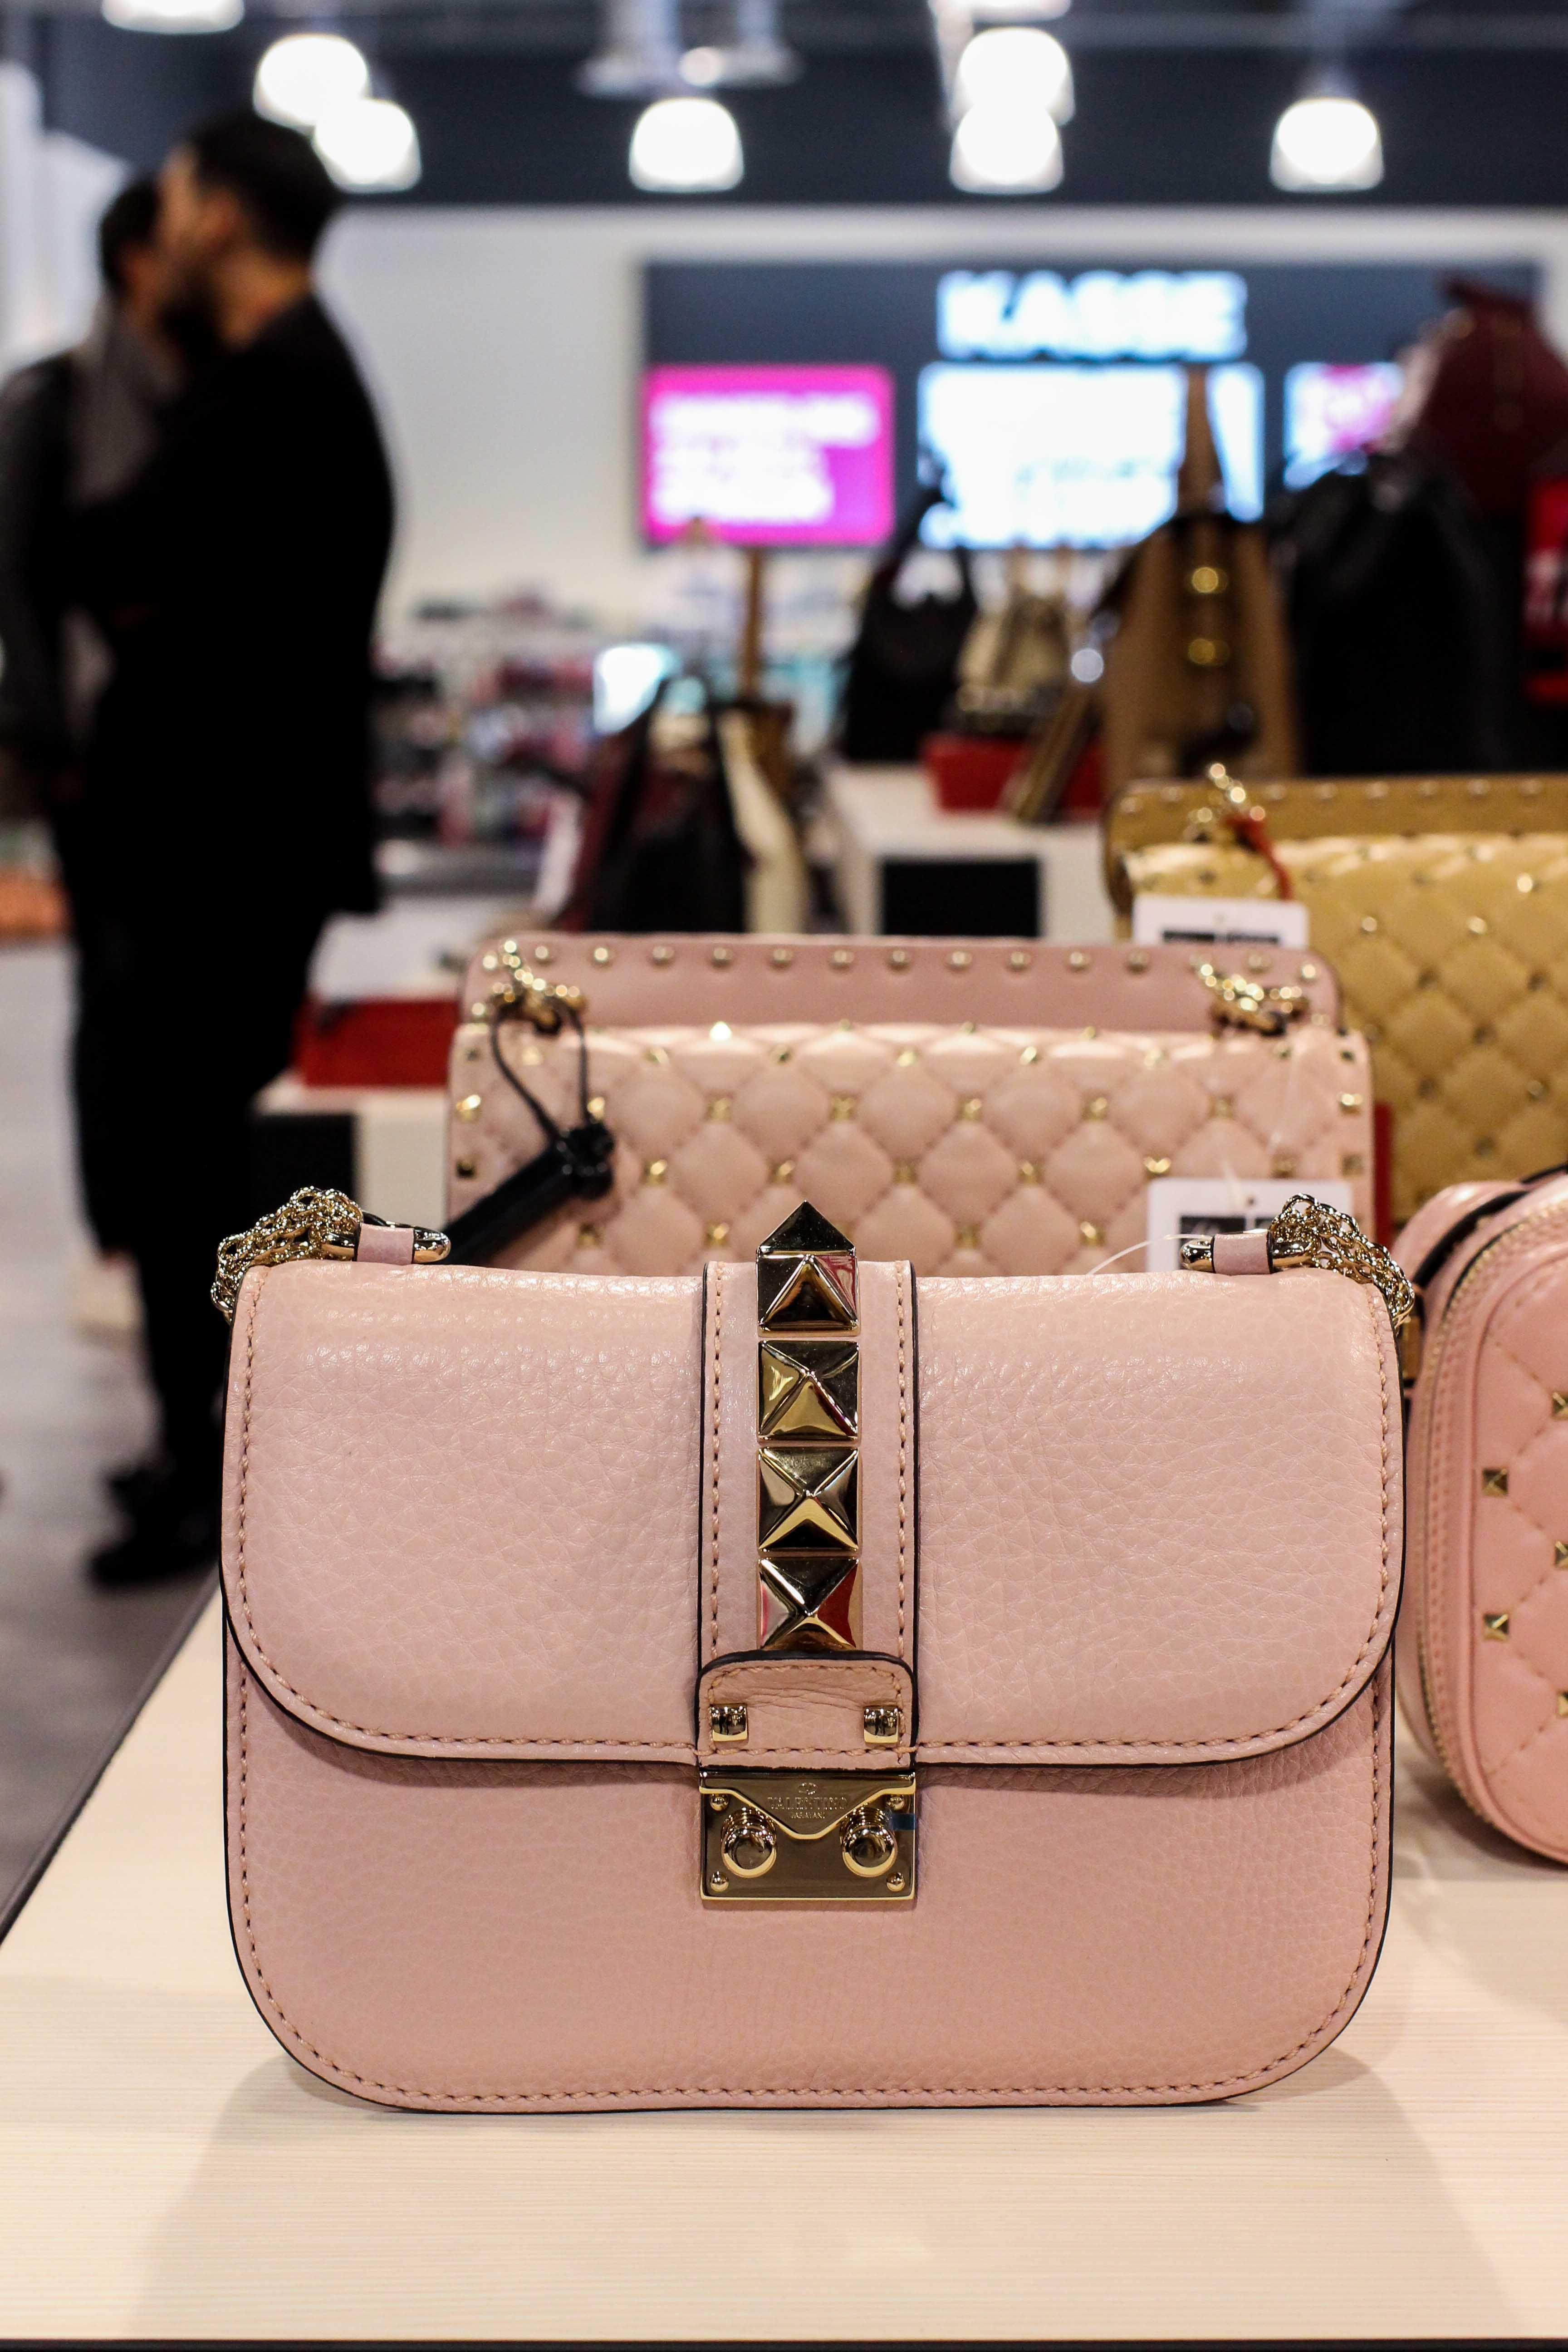 zeitloses Design bestbewertetes Original ankommen Valentino Tasche Rosa günstig Store Opening Saks OFF 5th ...